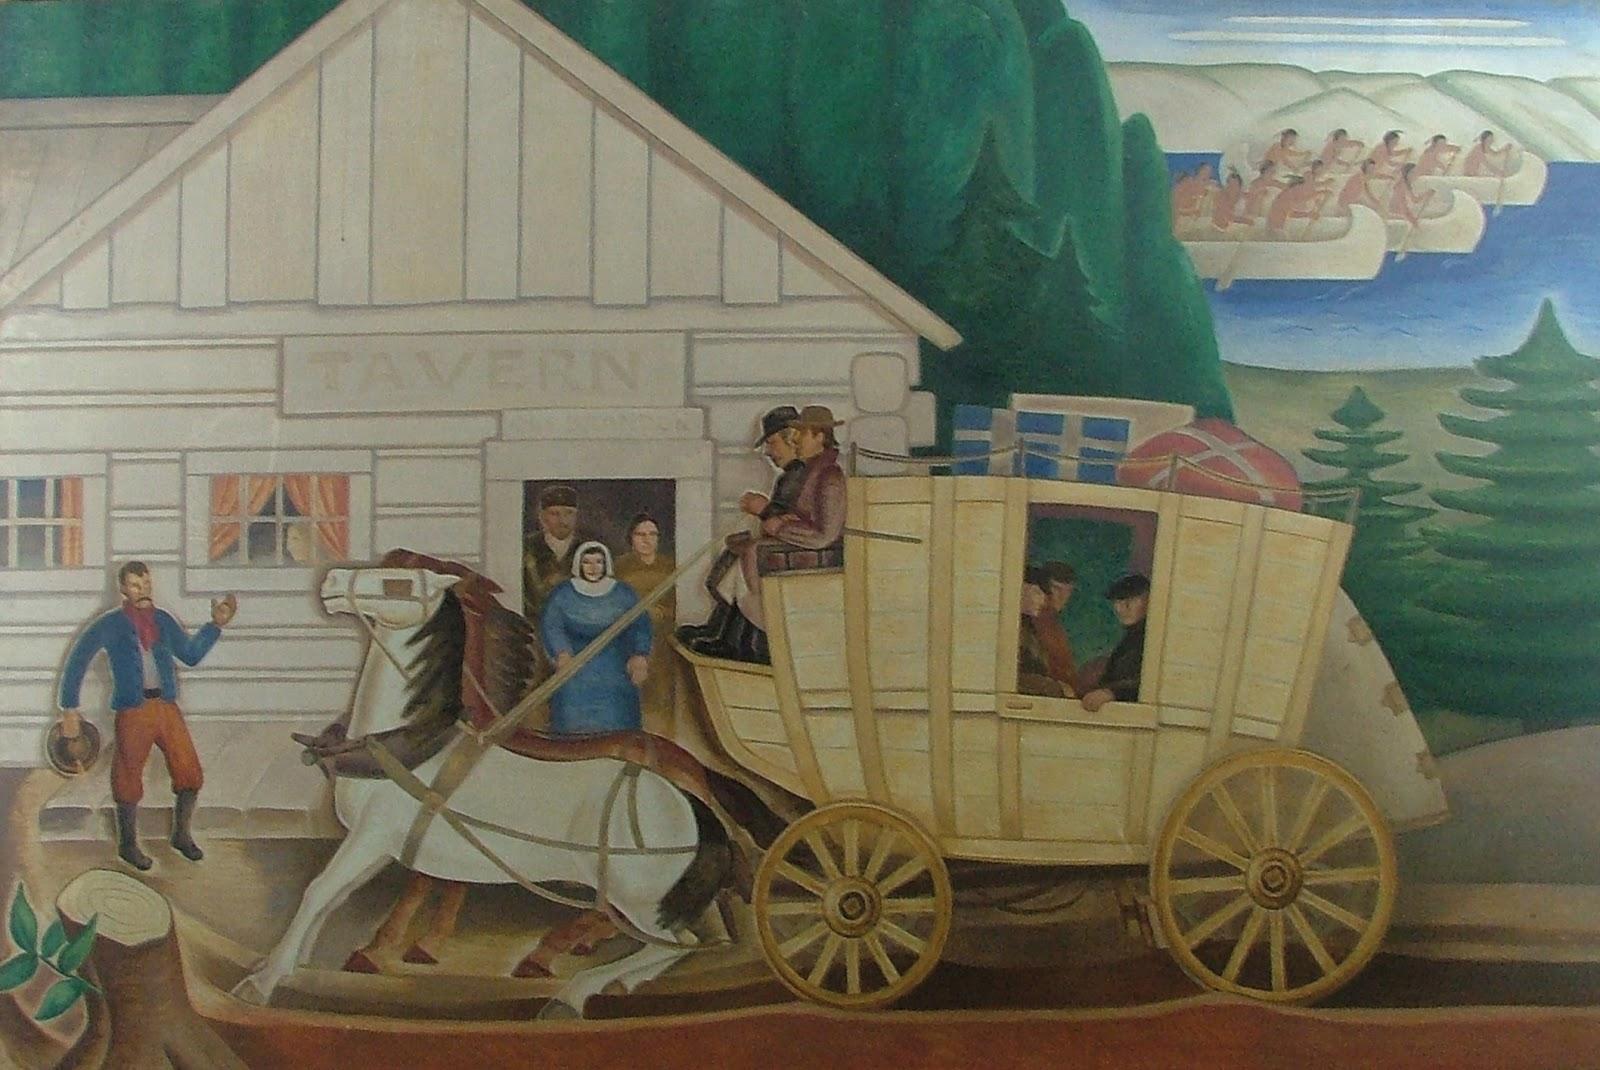 Brandon mn history center wpa mural painted by elsa jemne for Abercrombie mural